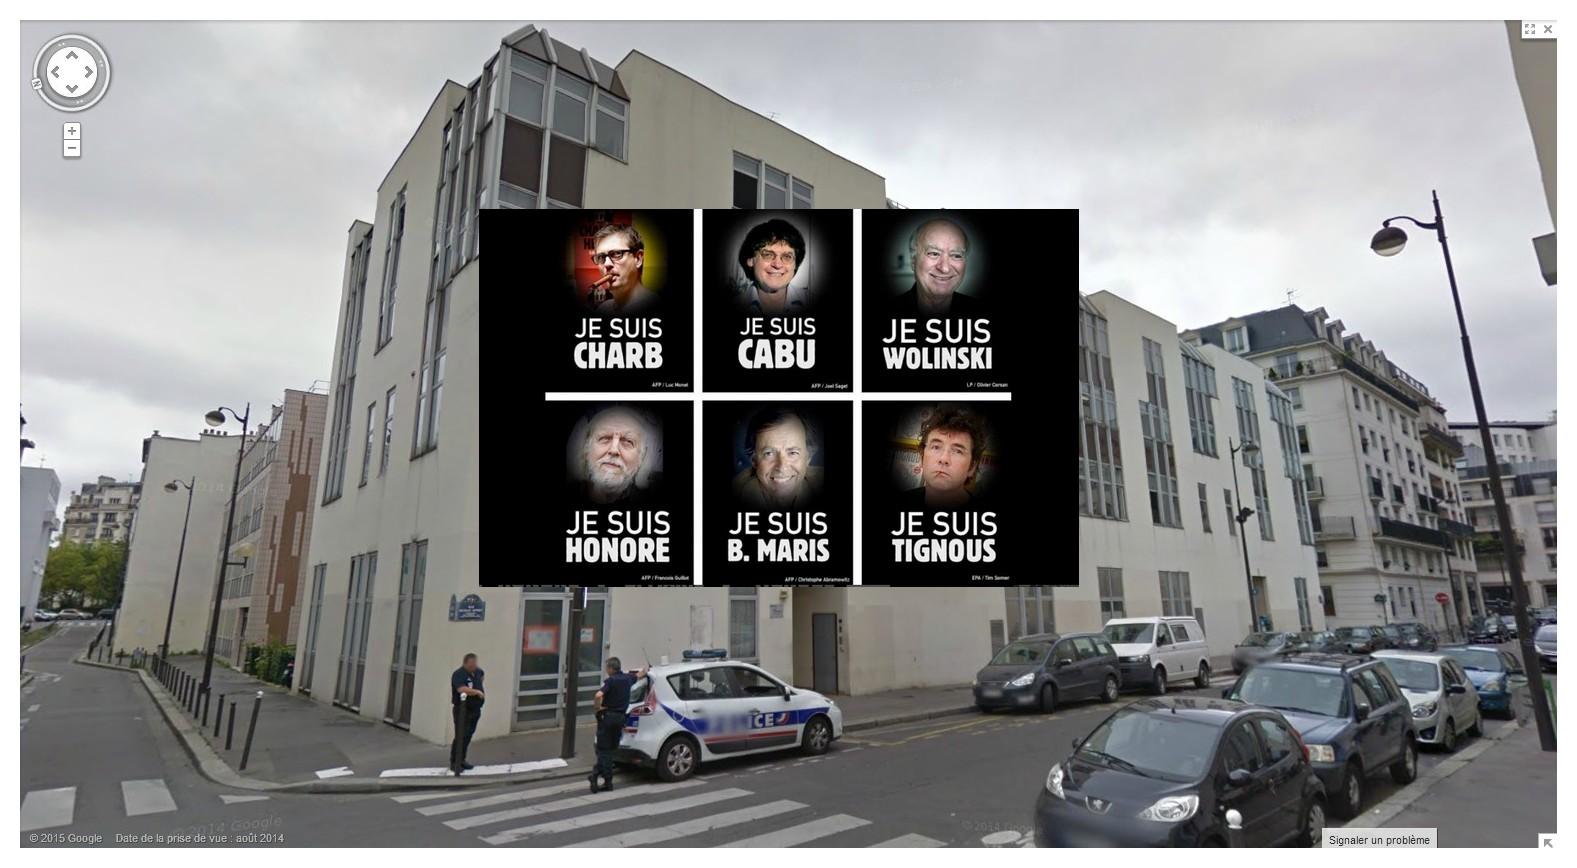 ATTENTAT à Charlie Hebdo : 12 morts. - Page 3 Sans_t42